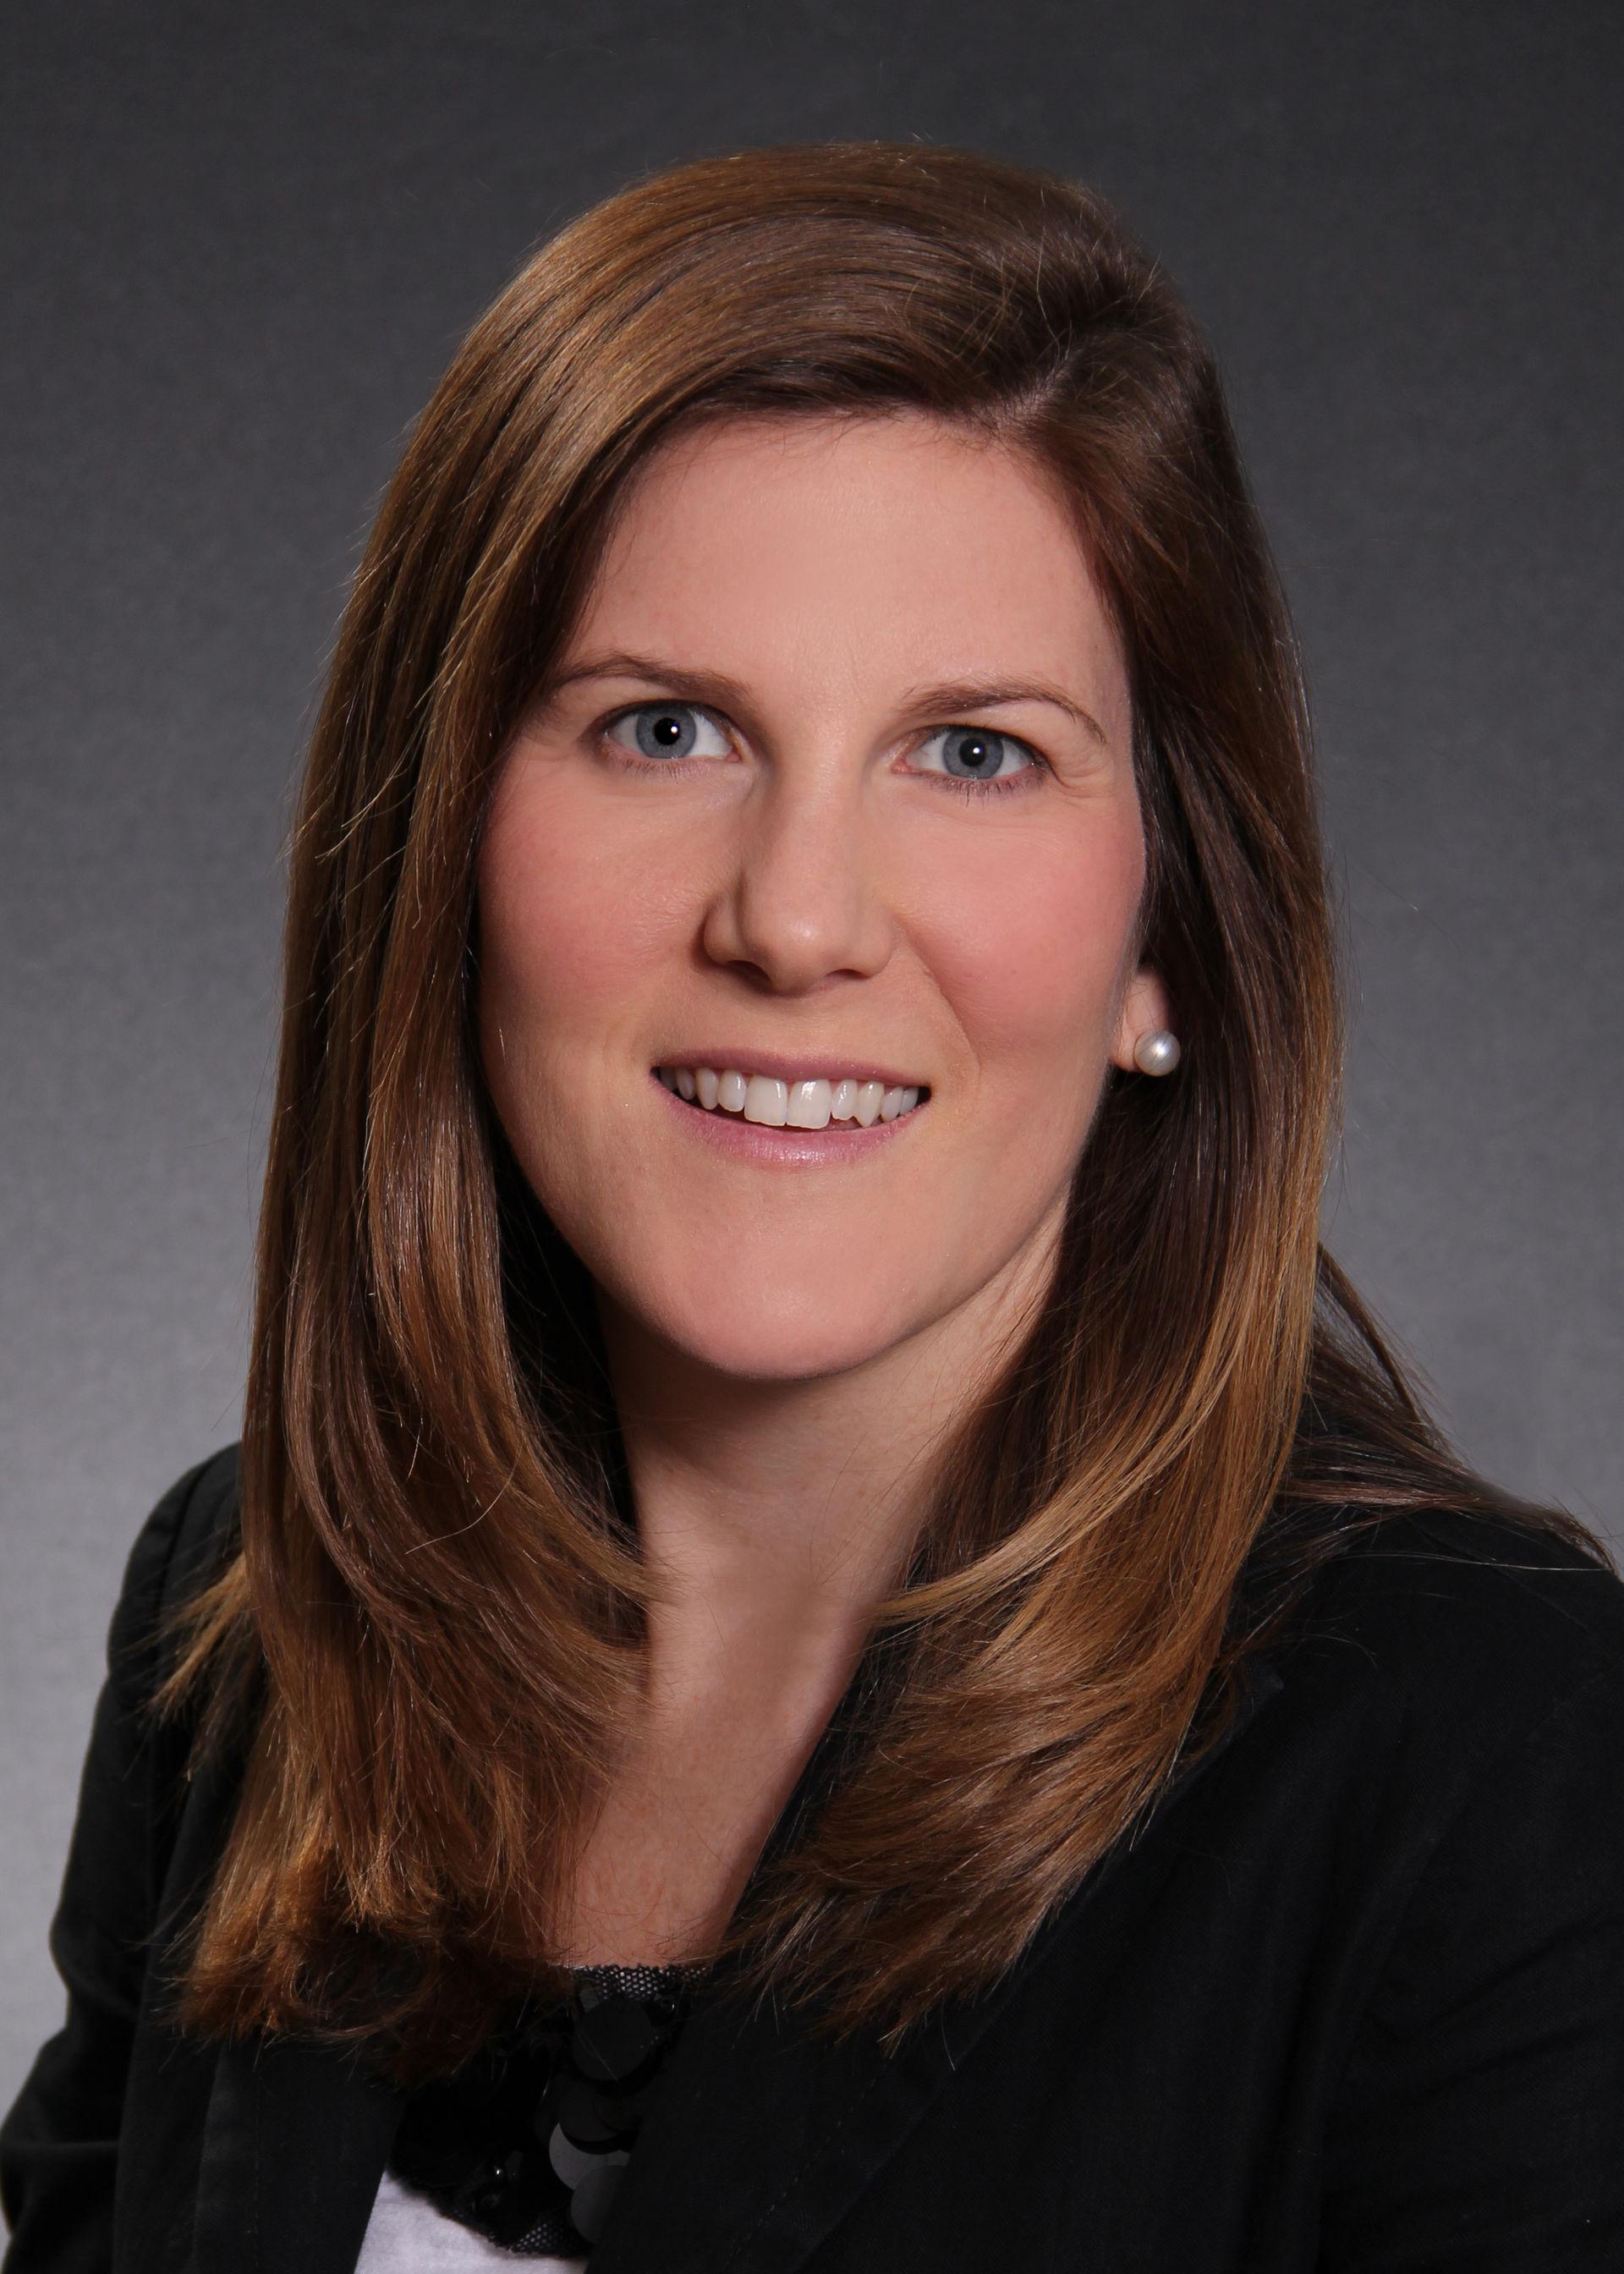 Christy Turchi